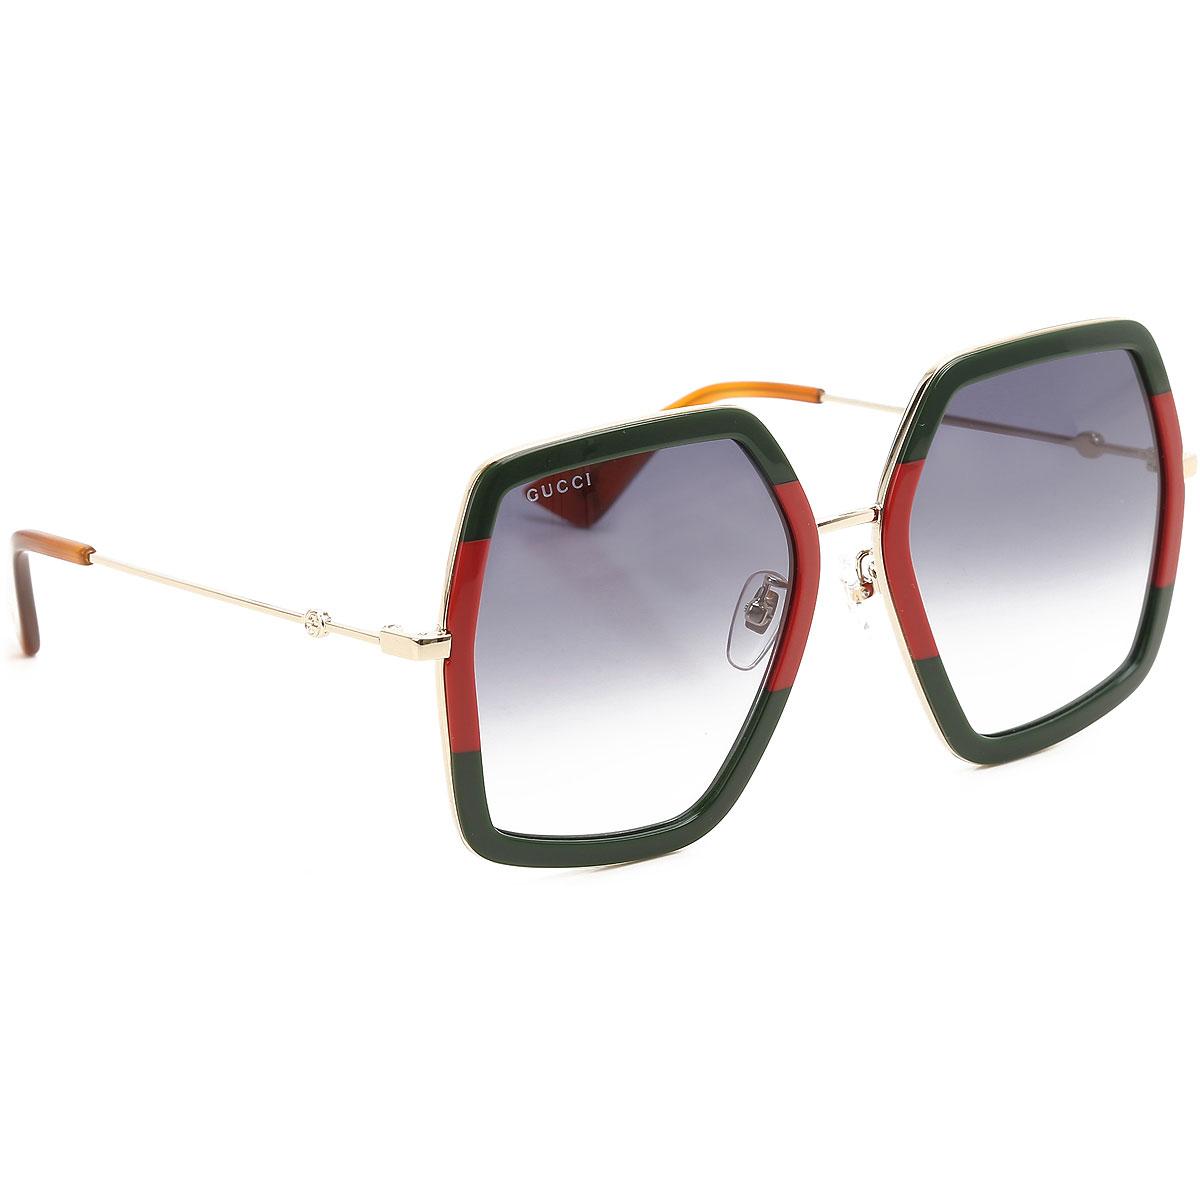 b4f6591eb Sunglasses Gucci, Style code: gg0106s-007-